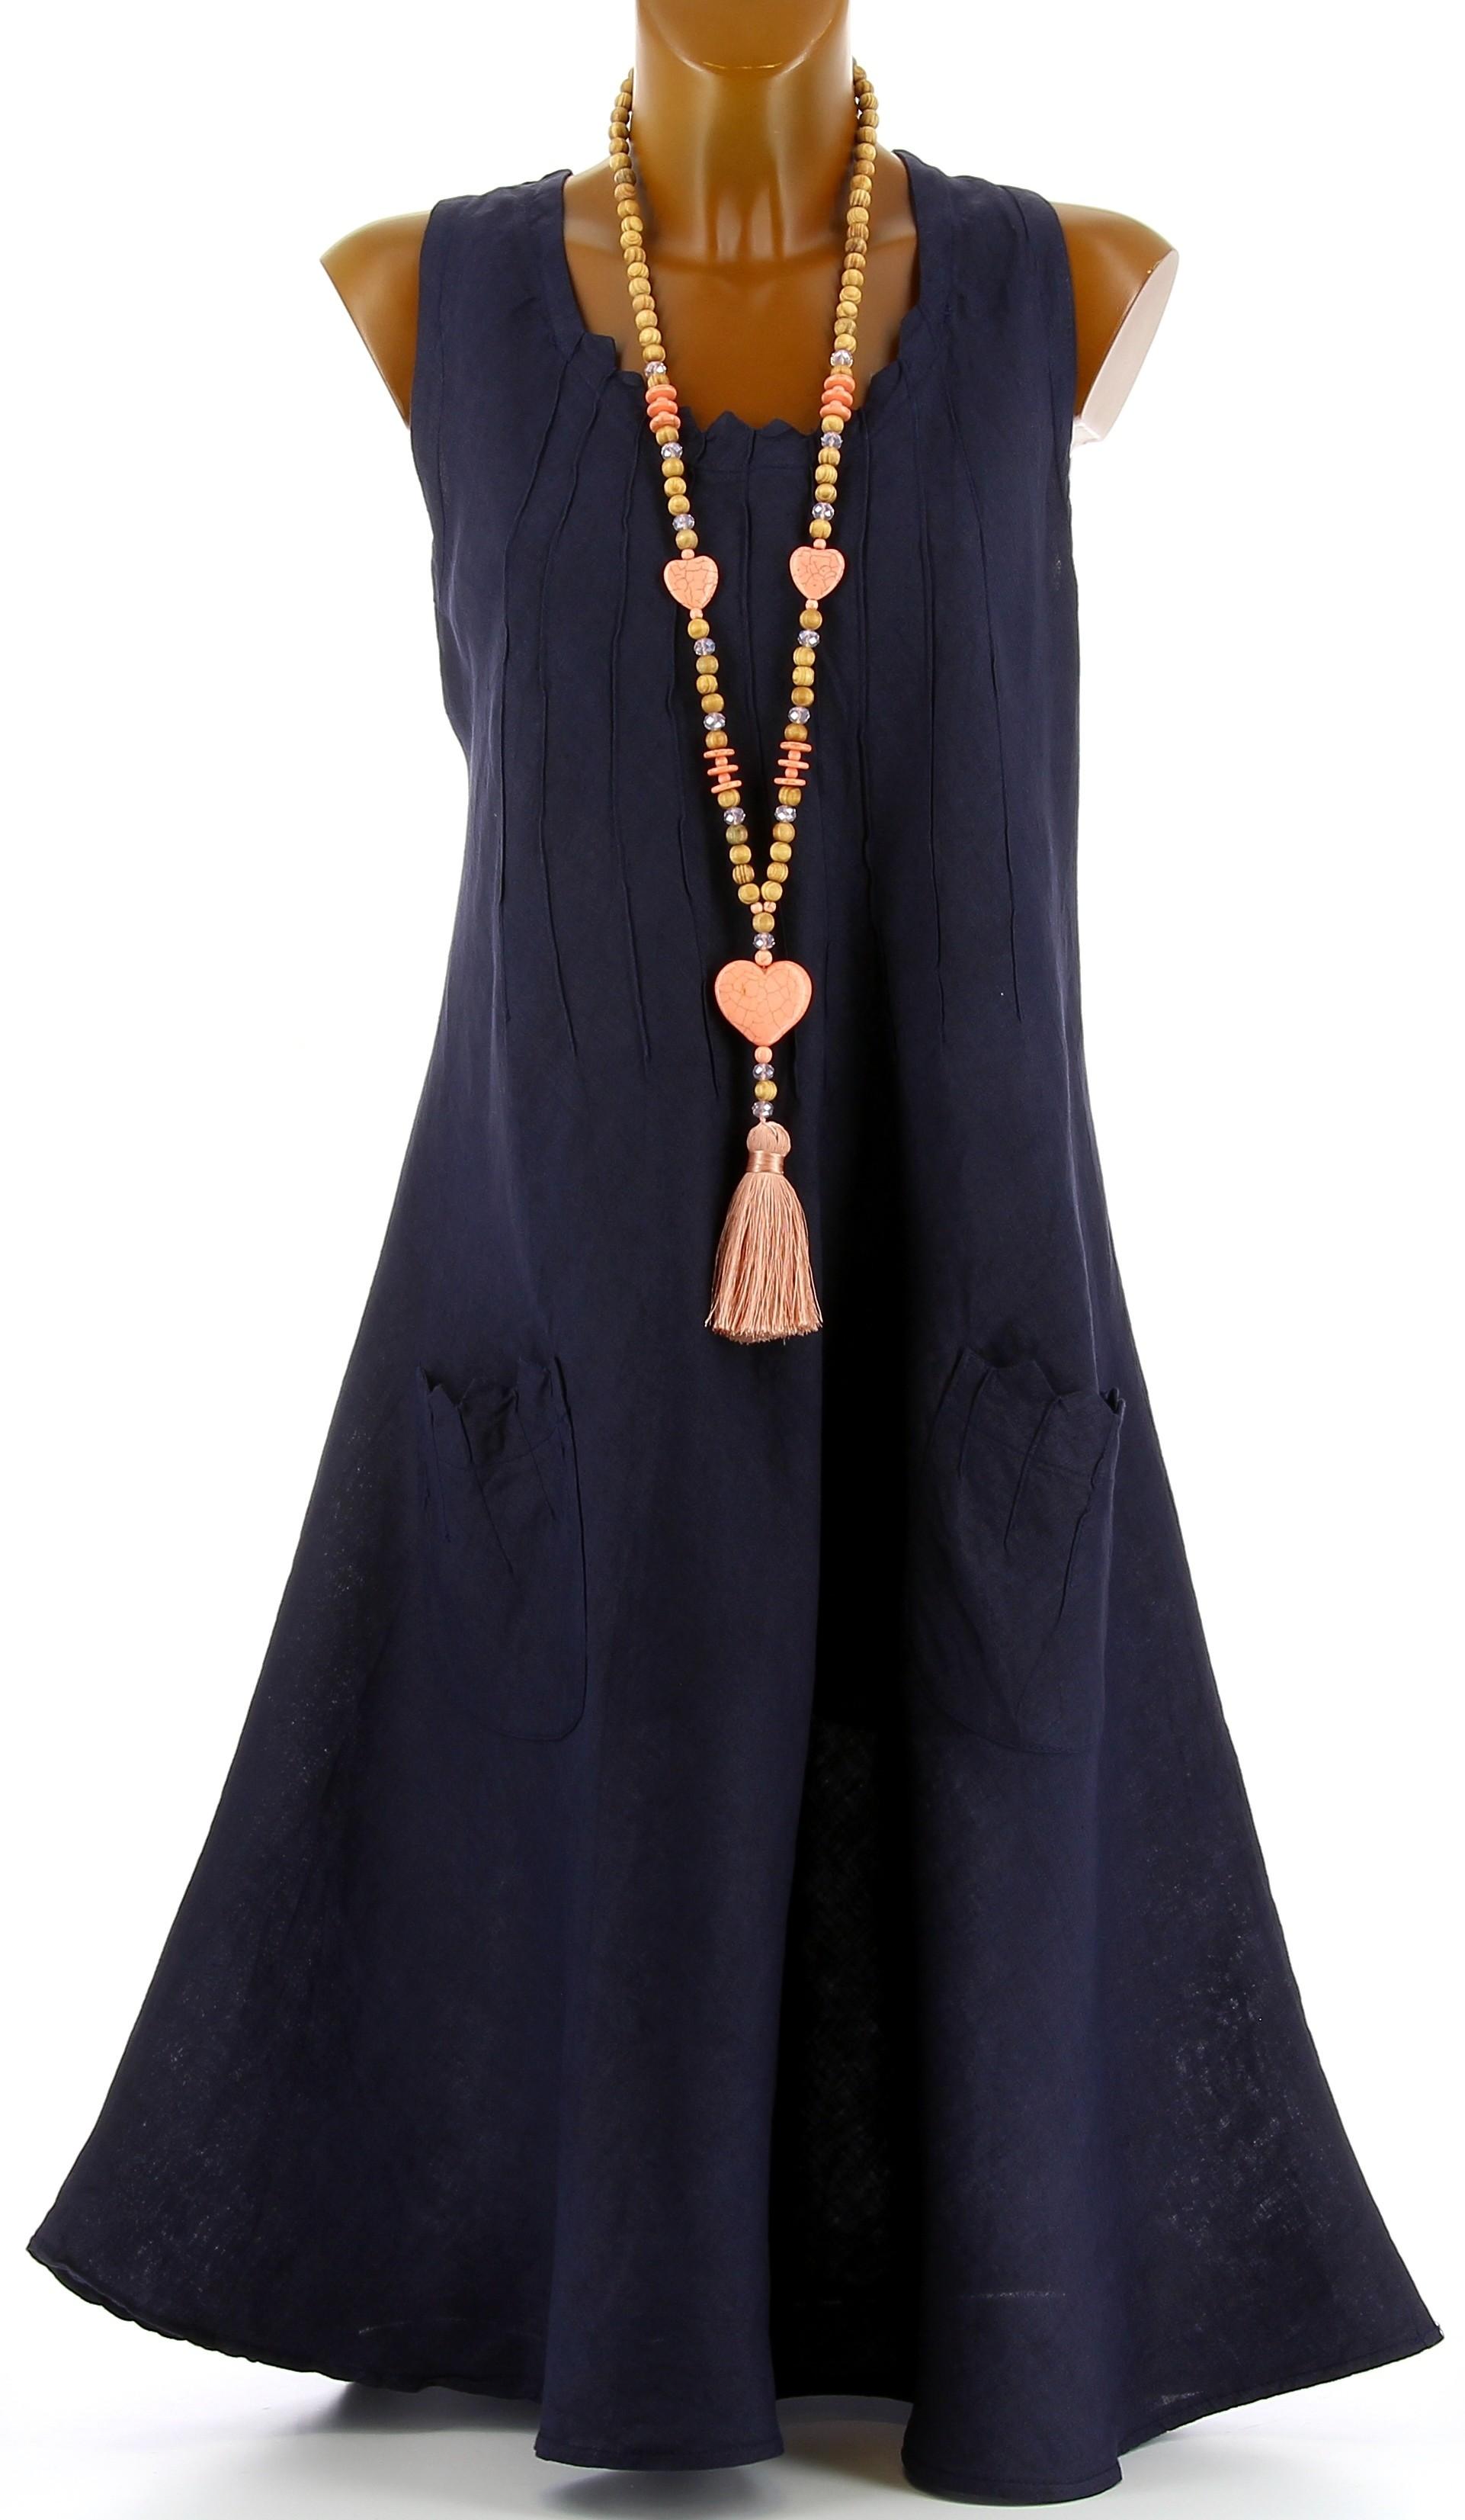 robe femme grande taille lin boh me t bleu marine zigzag. Black Bedroom Furniture Sets. Home Design Ideas